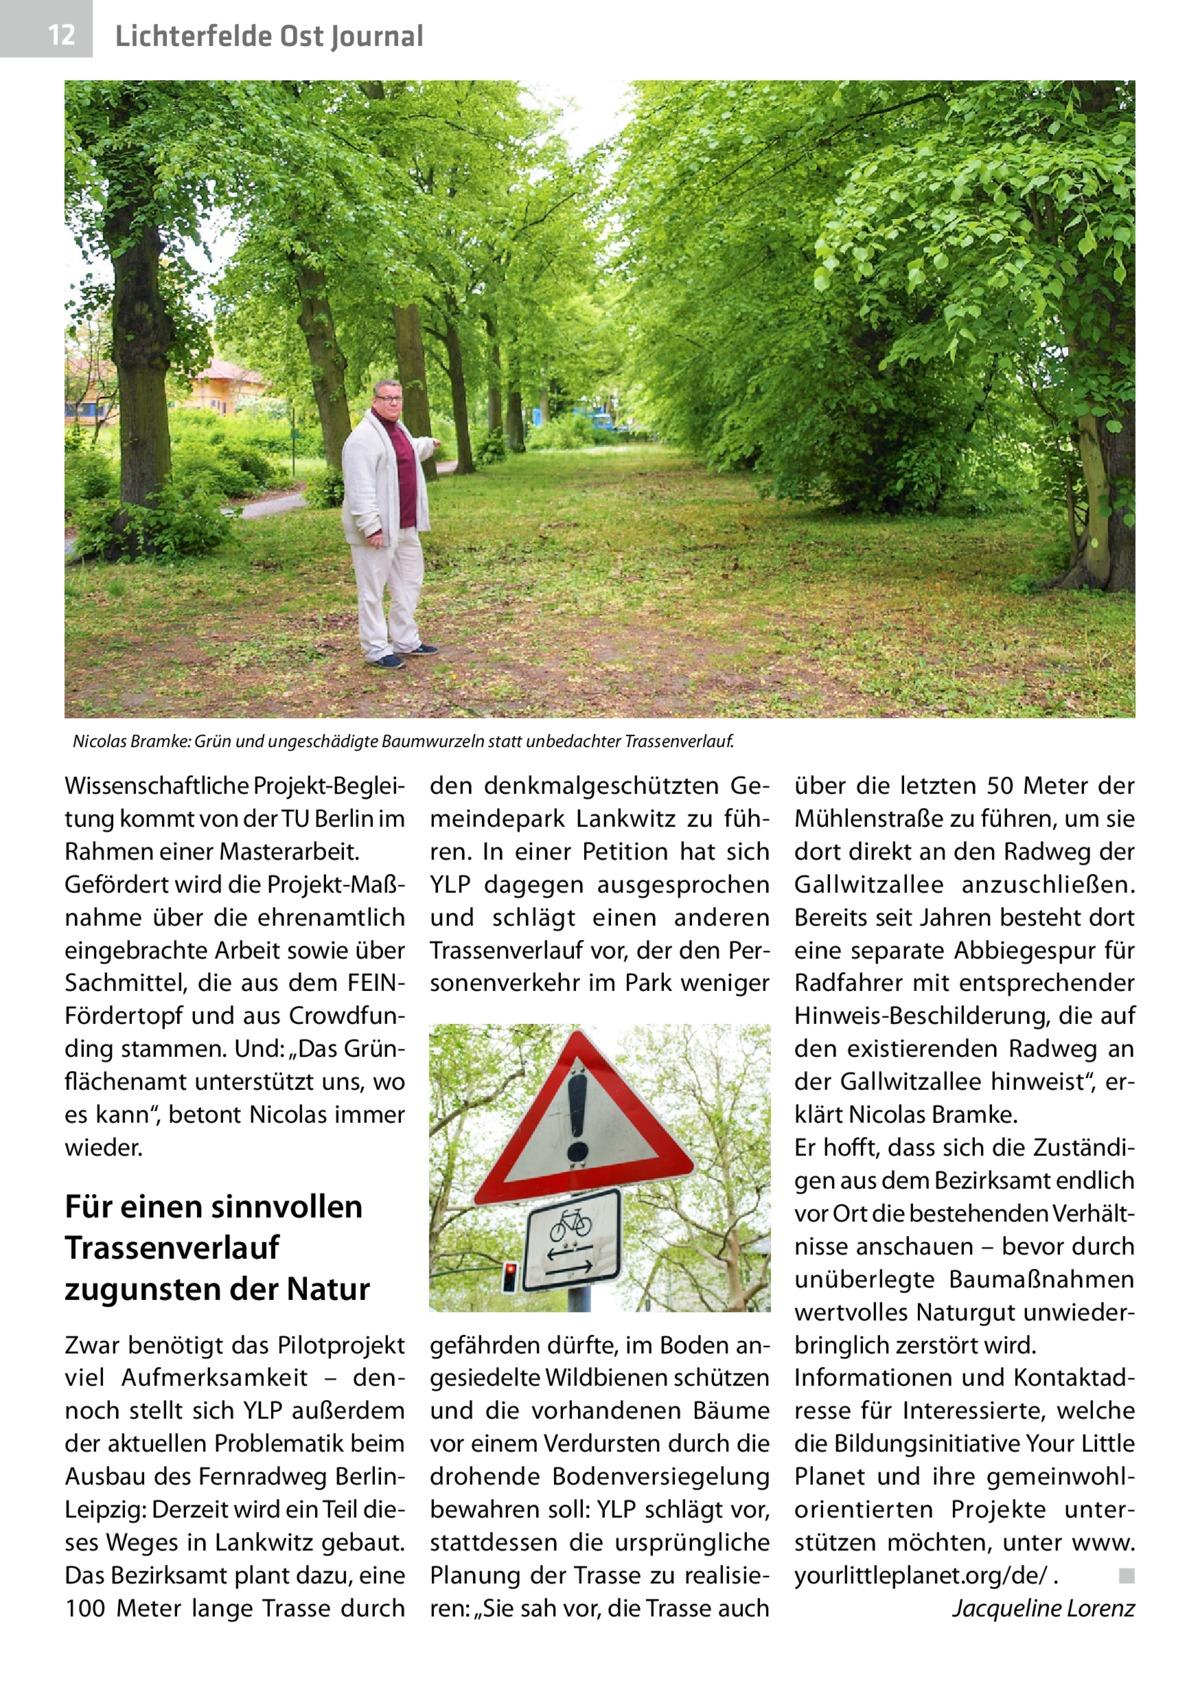 """12  Lichterfelde Ost Journal  Nicolas Bramke: Grün und ungeschädigte Baumwurzeln statt unbedachter Trassenverlauf.  Wissenschaftliche Projekt-Begleitung kommt von der TU Berlin im Rahmen einer Masterarbeit. Gefördert wird die Projekt-Maßnahme über die ehrenamtlich eingebrachte Arbeit sowie über Sachmittel, die aus dem FEINFördertopf und aus Crowdfunding stammen. Und: """"Das Grünflächenamt unterstützt uns, wo es kann"""", betont Nicolas immer wieder.  den denkmalgeschützten Gemeindepark Lankwitz zu führen. In einer Petition hat sich YLP dagegen ausgesprochen und schlägt einen anderen Trassenverlauf vor, der den Personenverkehr im Park weniger  Für einen sinnvollen Trassenverlauf zugunsten der Natur Zwar benötigt das Pilotprojekt viel Aufmerksamkeit – dennoch stellt sich YLP außerdem der aktuellen Problematik beim Ausbau des Fernradweg BerlinLeipzig: Derzeit wird ein Teil dieses Weges in Lankwitz gebaut. Das Bezirksamt plant dazu, eine 100 Meter lange Trasse durch  gefährden dürfte, im Boden angesiedelte Wildbienen schützen und die vorhandenen Bäume vor einem Verdursten durch die drohende Bodenversiegelung bewahren soll: YLP schlägt vor, stattdessen die ursprüngliche Planung der Trasse zu realisieren: """"Sie sah vor, die Trasse auch  über die letzten 50 Meter der Mühlenstraße zu führen, um sie dort direkt an den Radweg der Gallwitzallee anzuschließen. Bereits seit Jahren besteht dort eine separate Abbiegespur für Radfahrer mit entsprechender Hinweis-Beschilderung, die auf den existierenden Radweg an der Gallwitzallee hinweist"""", erklärt Nicolas Bramke. Er hofft, dass sich die Zuständigen aus dem Bezirksamt endlich vor Ort die bestehenden Verhältnisse anschauen – bevor durch unüberlegte Baumaßnahmen wertvolles Naturgut unwiederbringlich zerstört wird. Informationen und Kontaktadresse für Interessierte, welche die Bildungsinitiative Your Little Planet und ihre gemeinwohlorientierten Projekte unterstützen möchten, unter www. yourlittleplanet.org/de/ . � ◾ � Jacqueline Lorenz"""